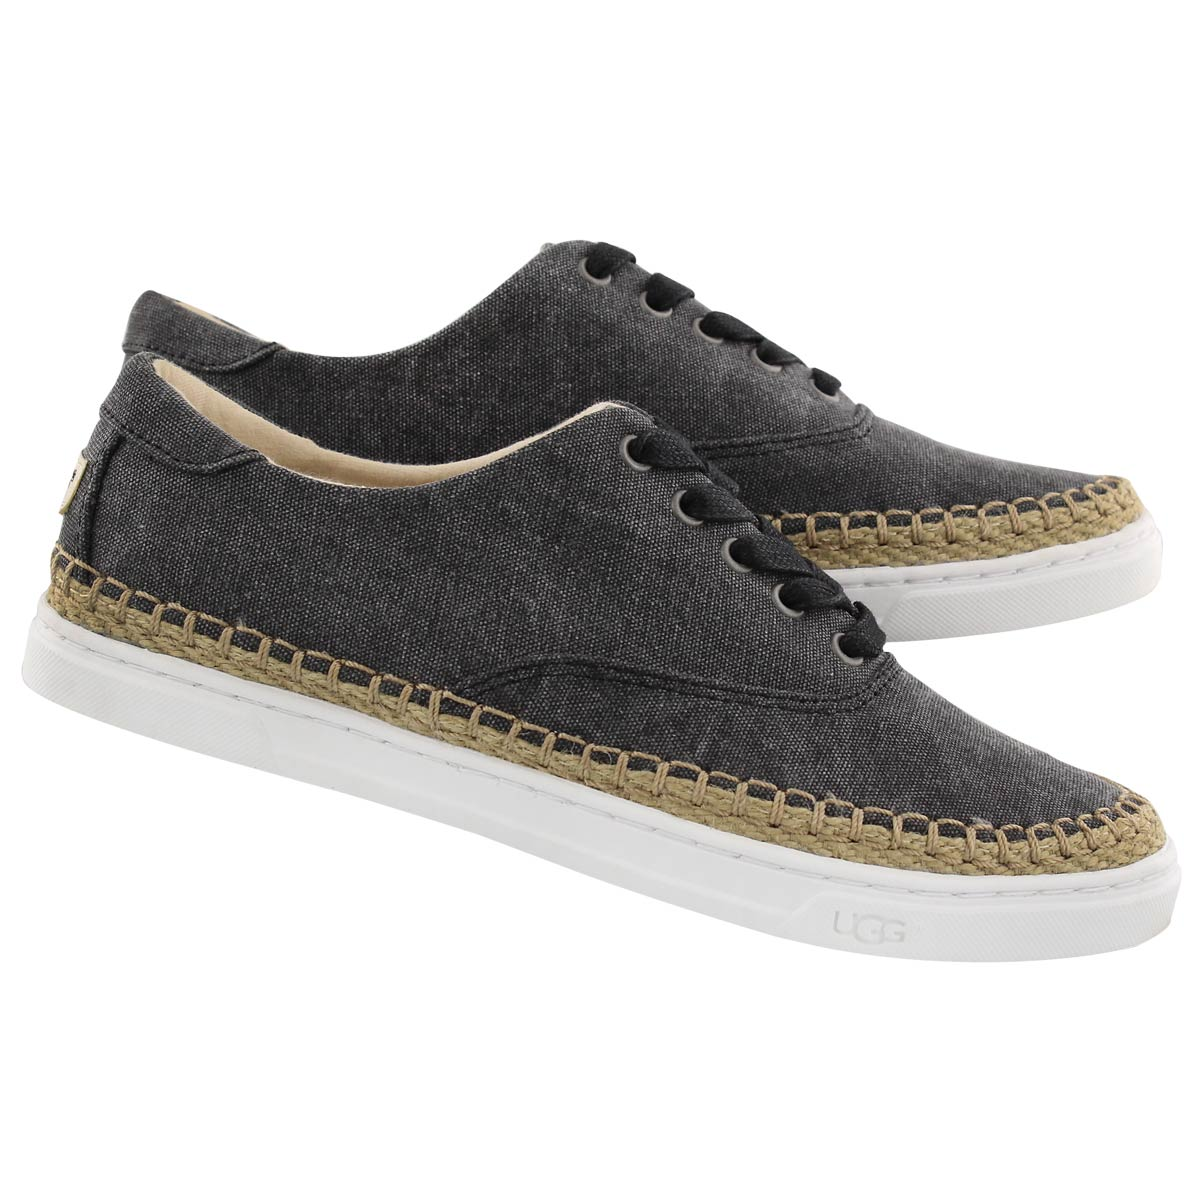 Lds Eyan II black lace up sneaker